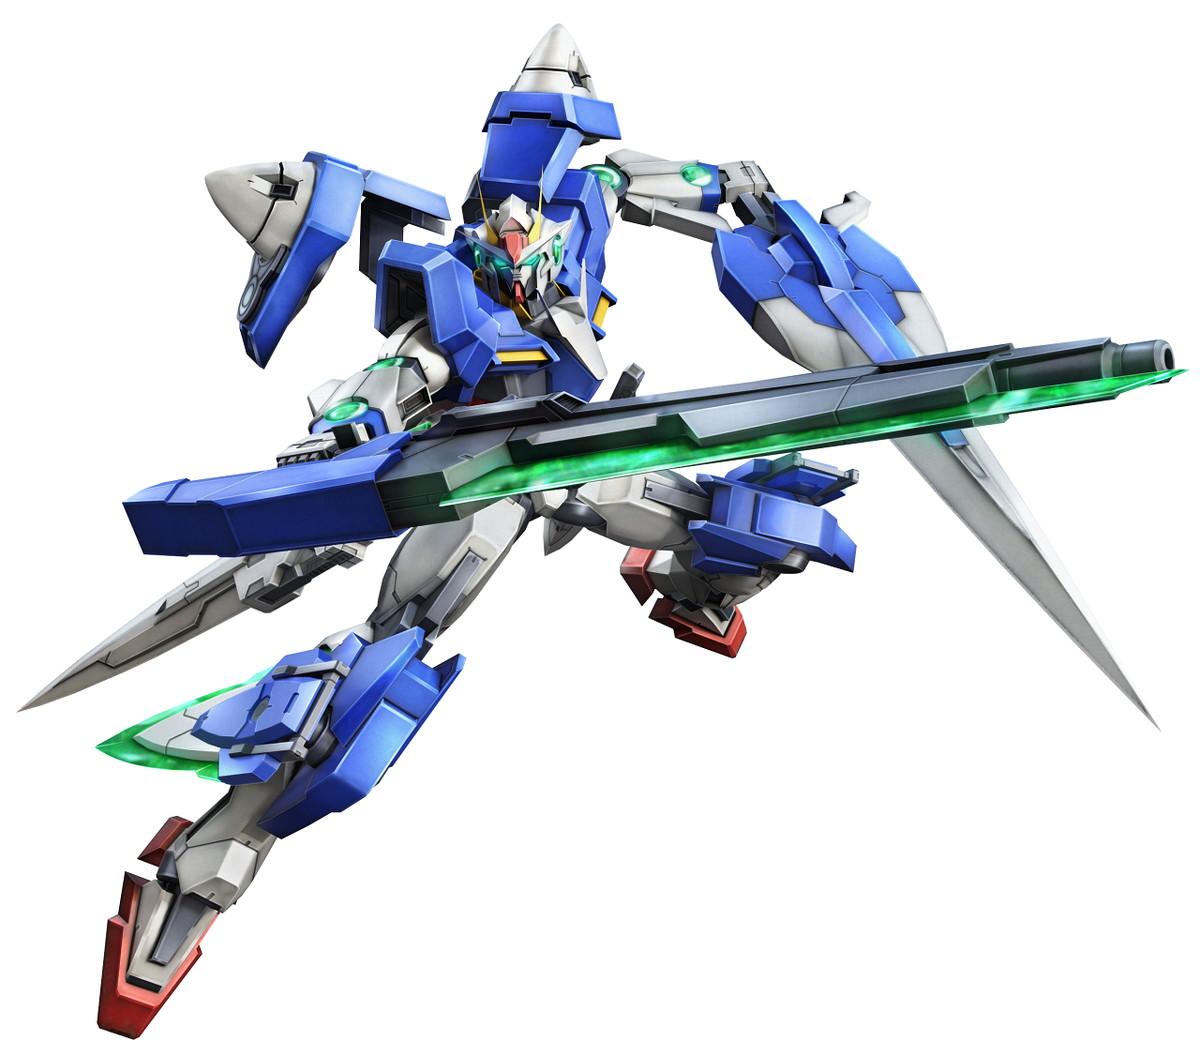 基本プレイ無料のアニメ100人同時対戦が楽しめるオンラインゲーム、機動戦士ガンダムオンライン、新機体「ジャスティスガンダム」と「ダブルオーガンダム セブンソード/G」が登場したよ